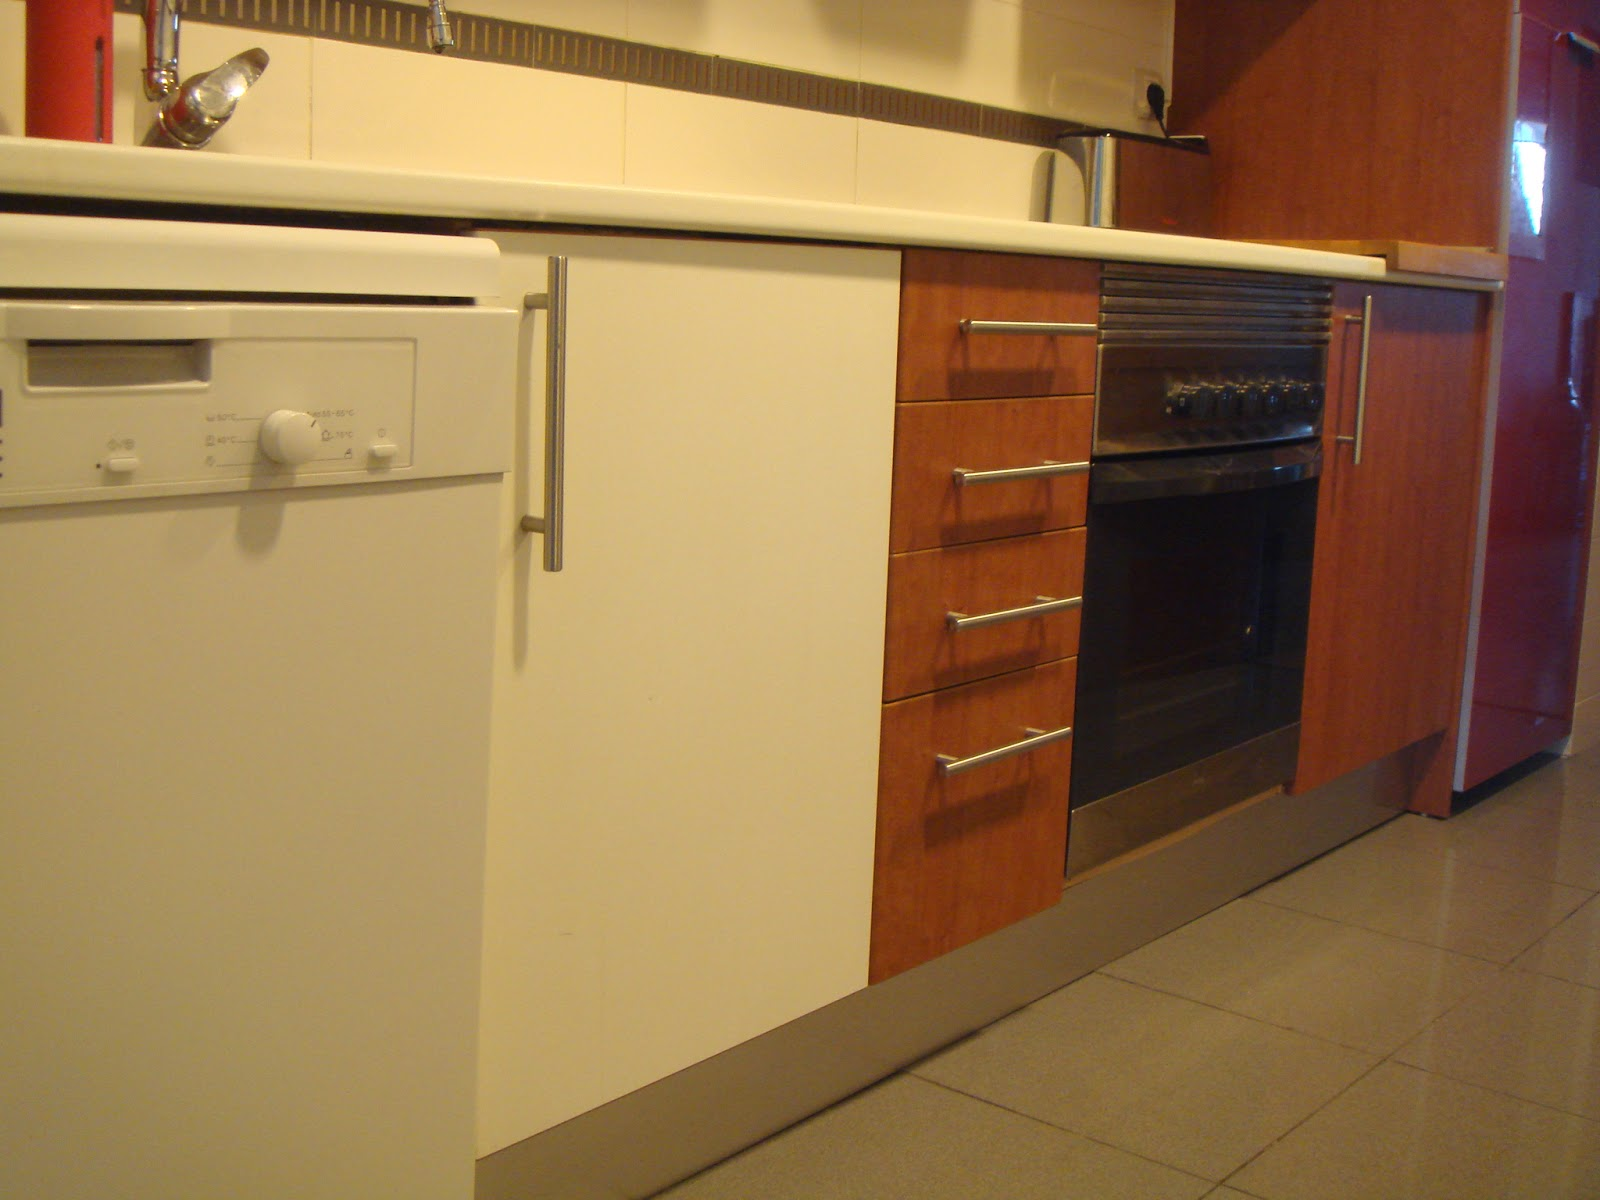 Antes y despu s la cocina de amaya - Alicatar cocina detras muebles ...